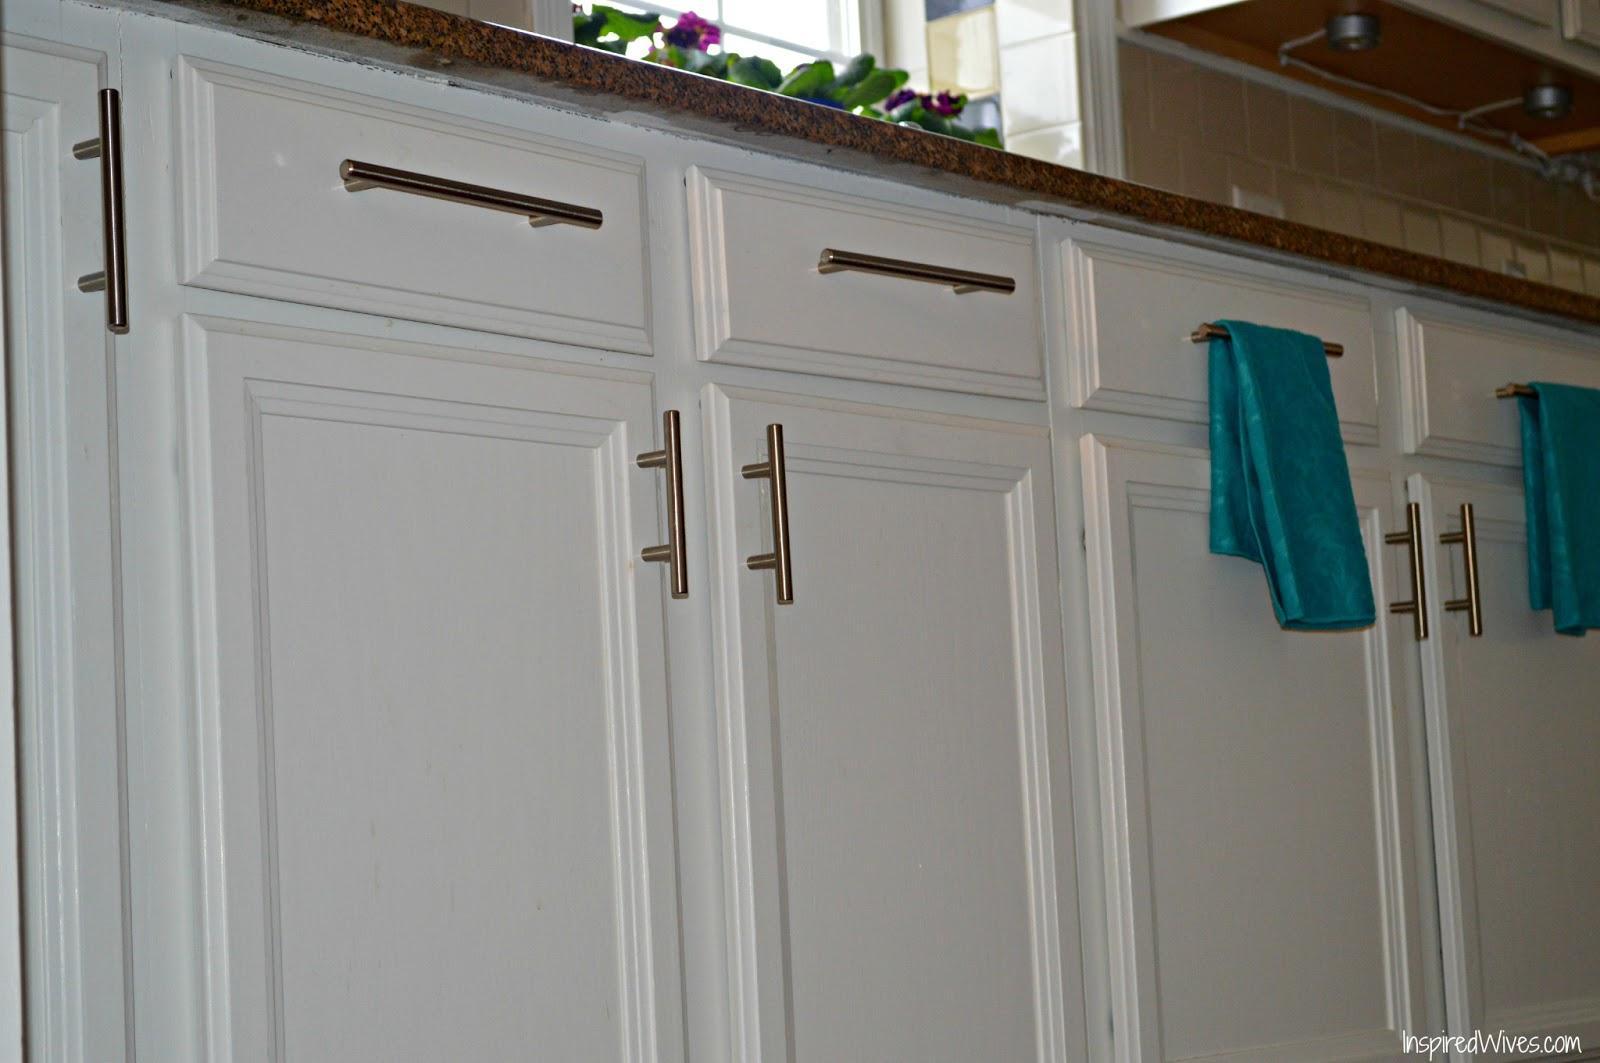 kitchen cabinets door knobs kitchen cabinet pulls Next Kitchen